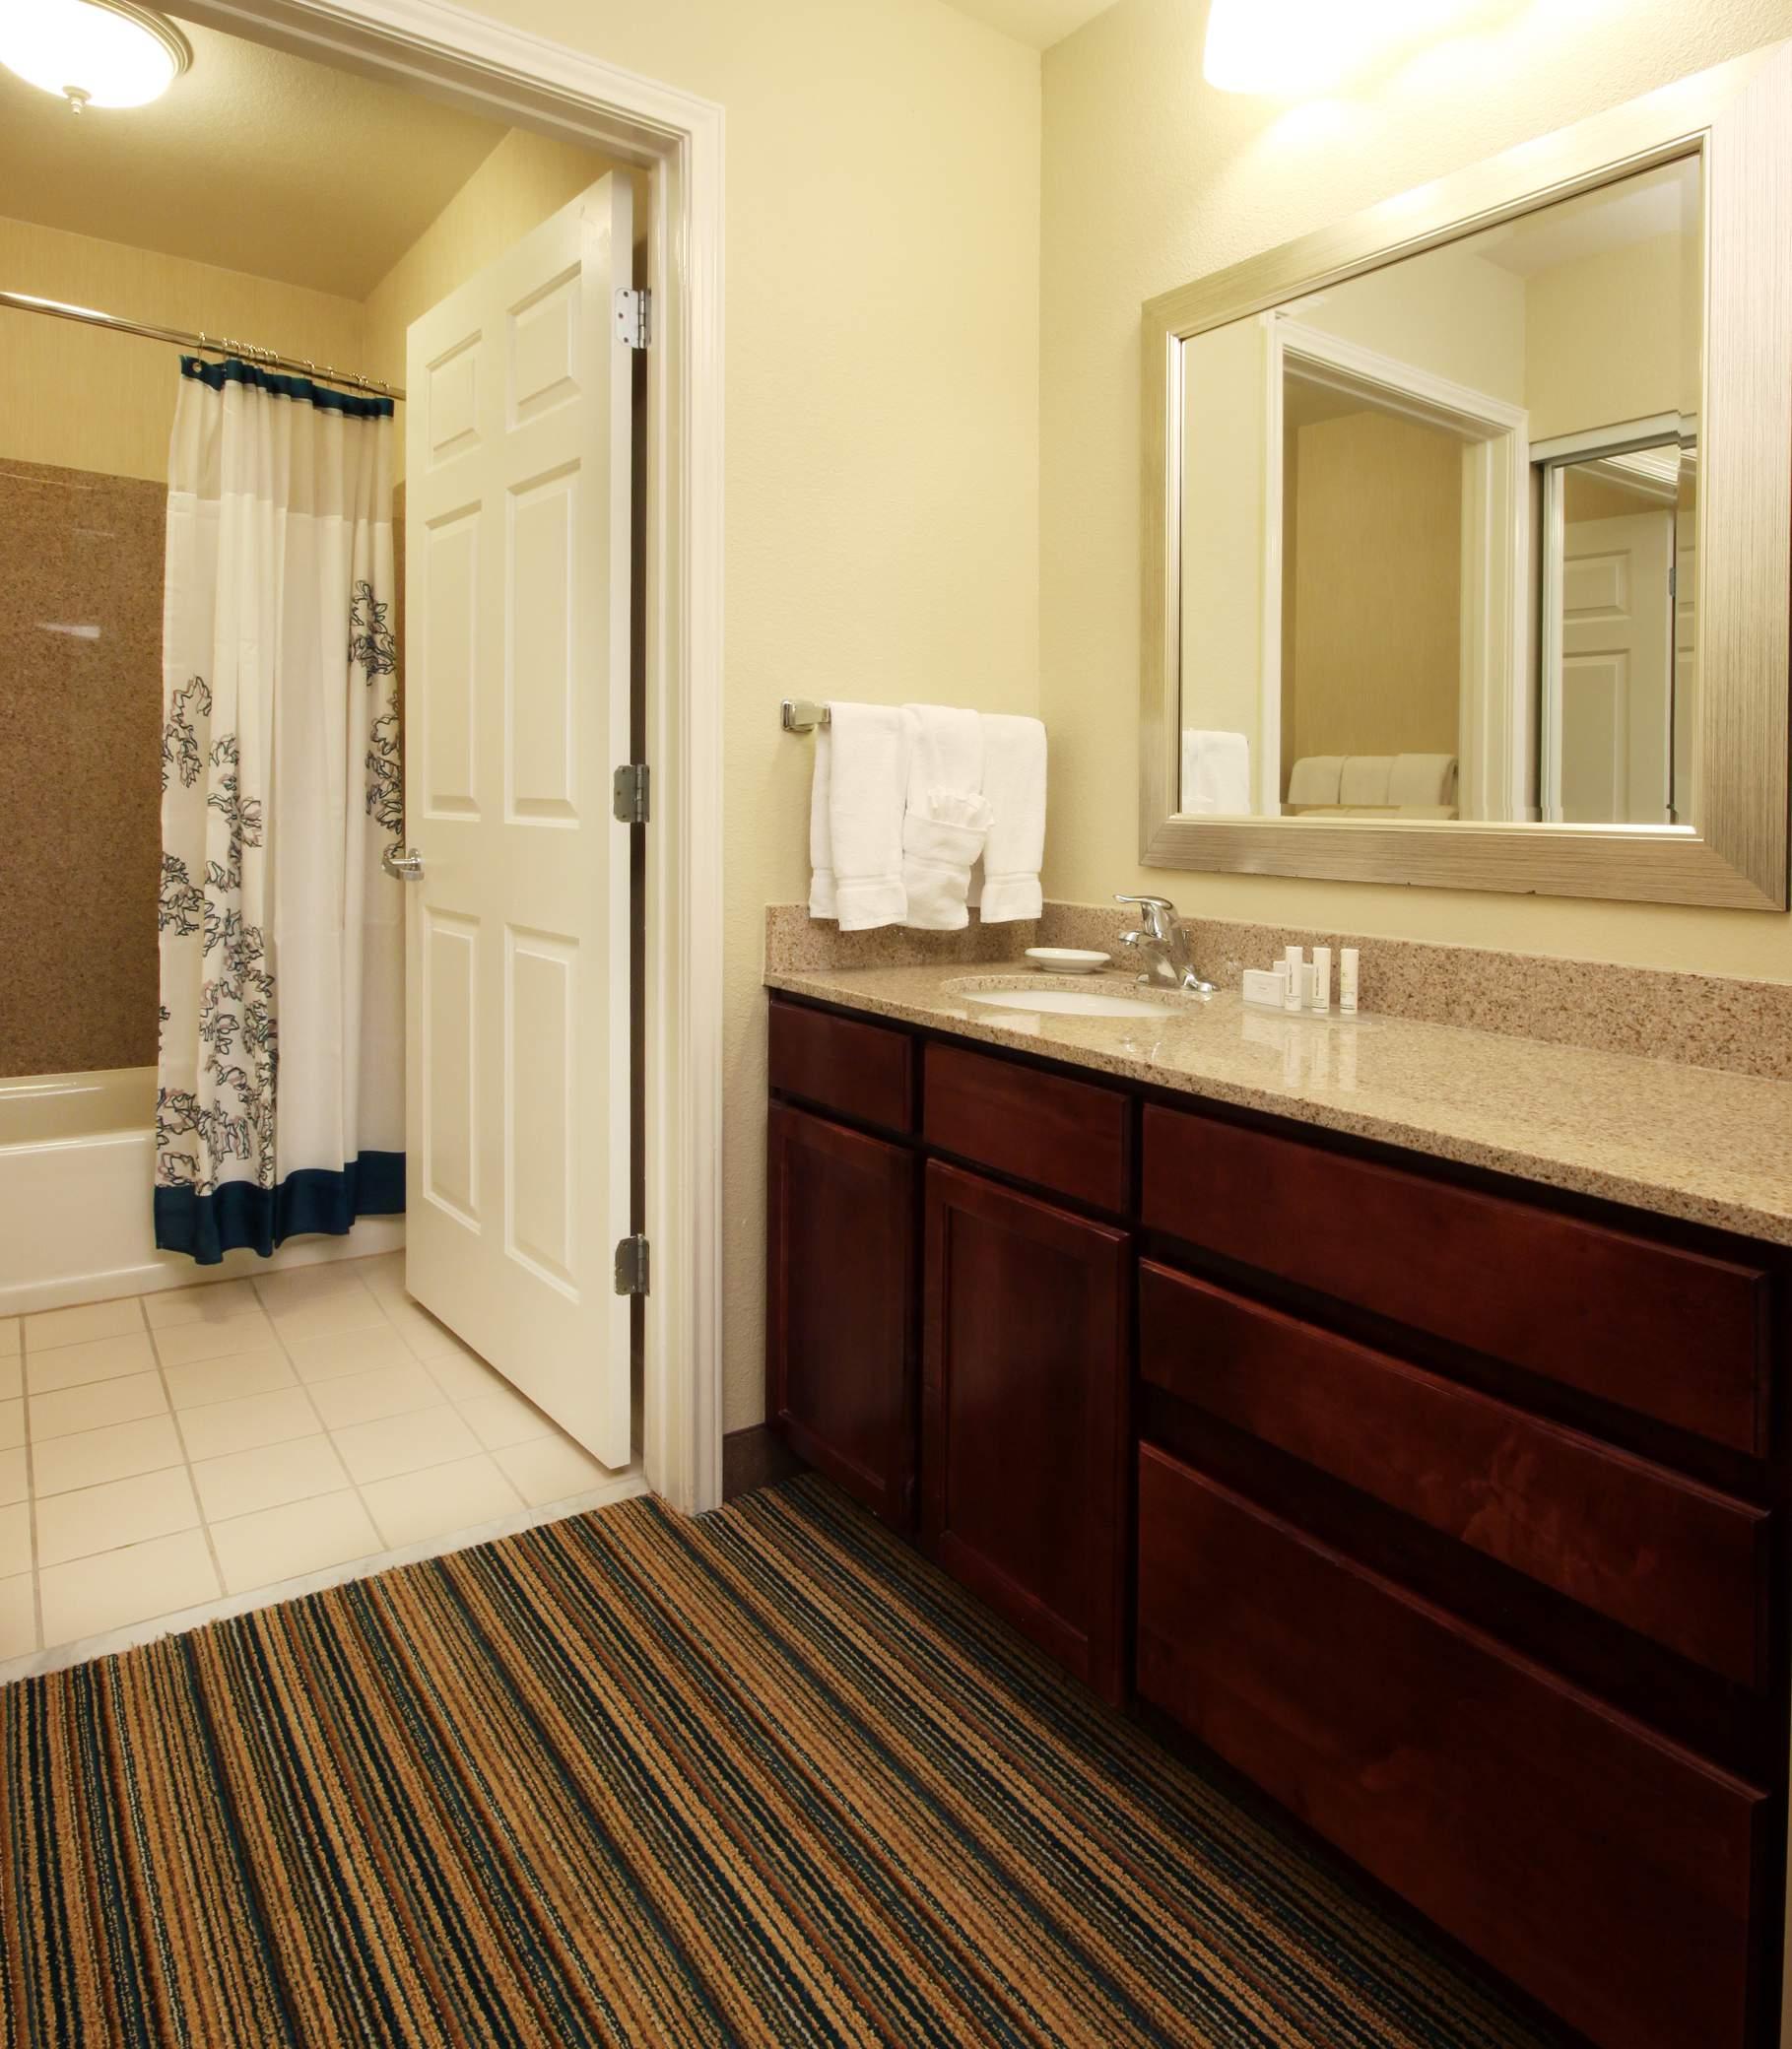 Residence Inn by Marriott Tucson Williams Centre image 9